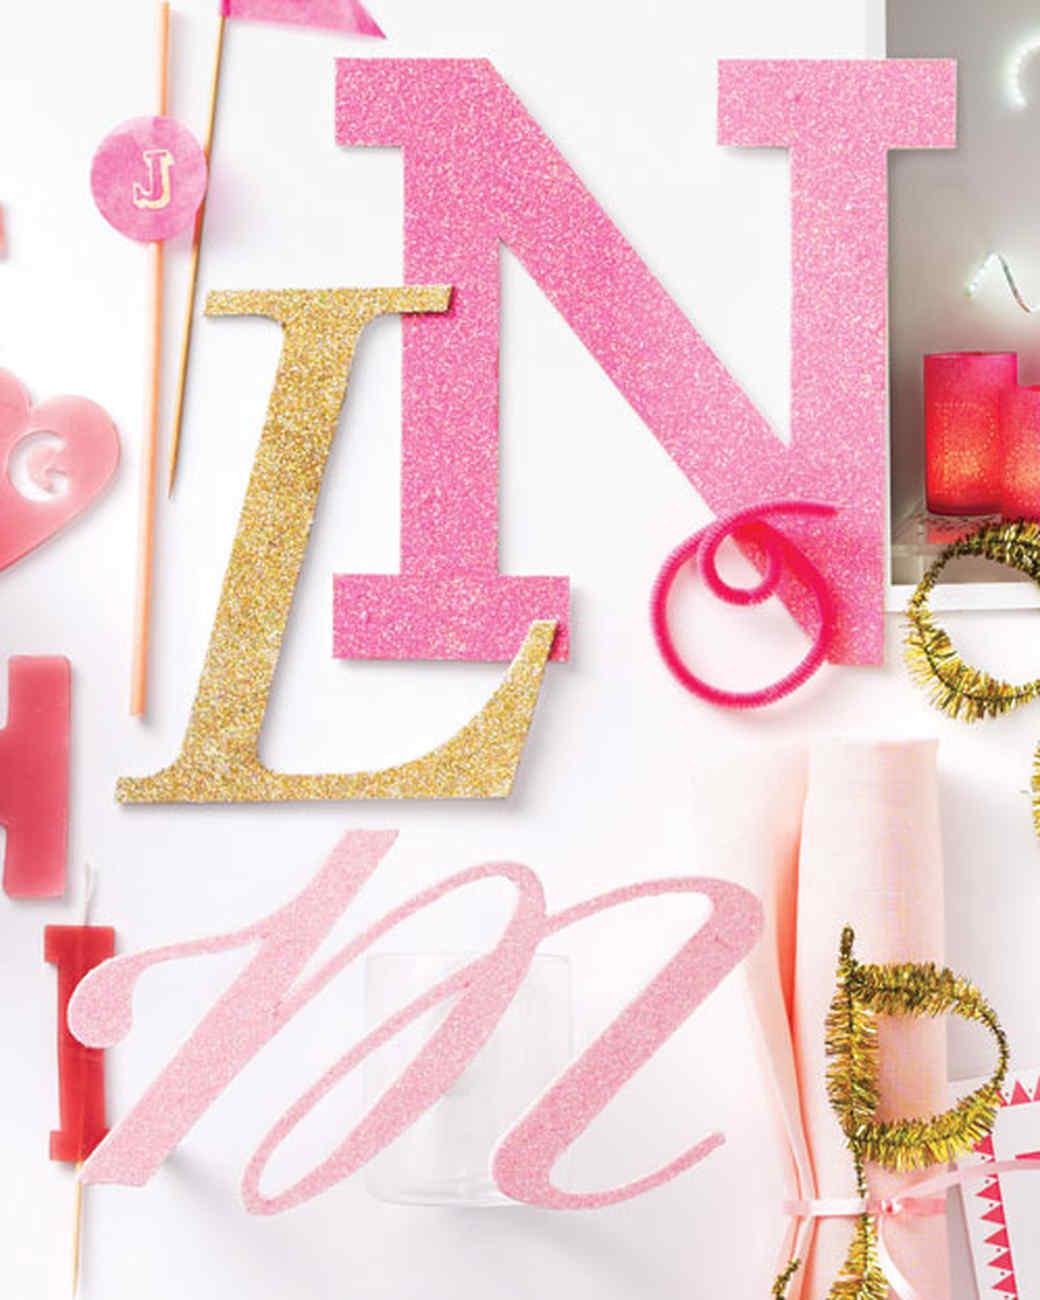 mld106559_0111_alphabet_letters_glitter.jpg